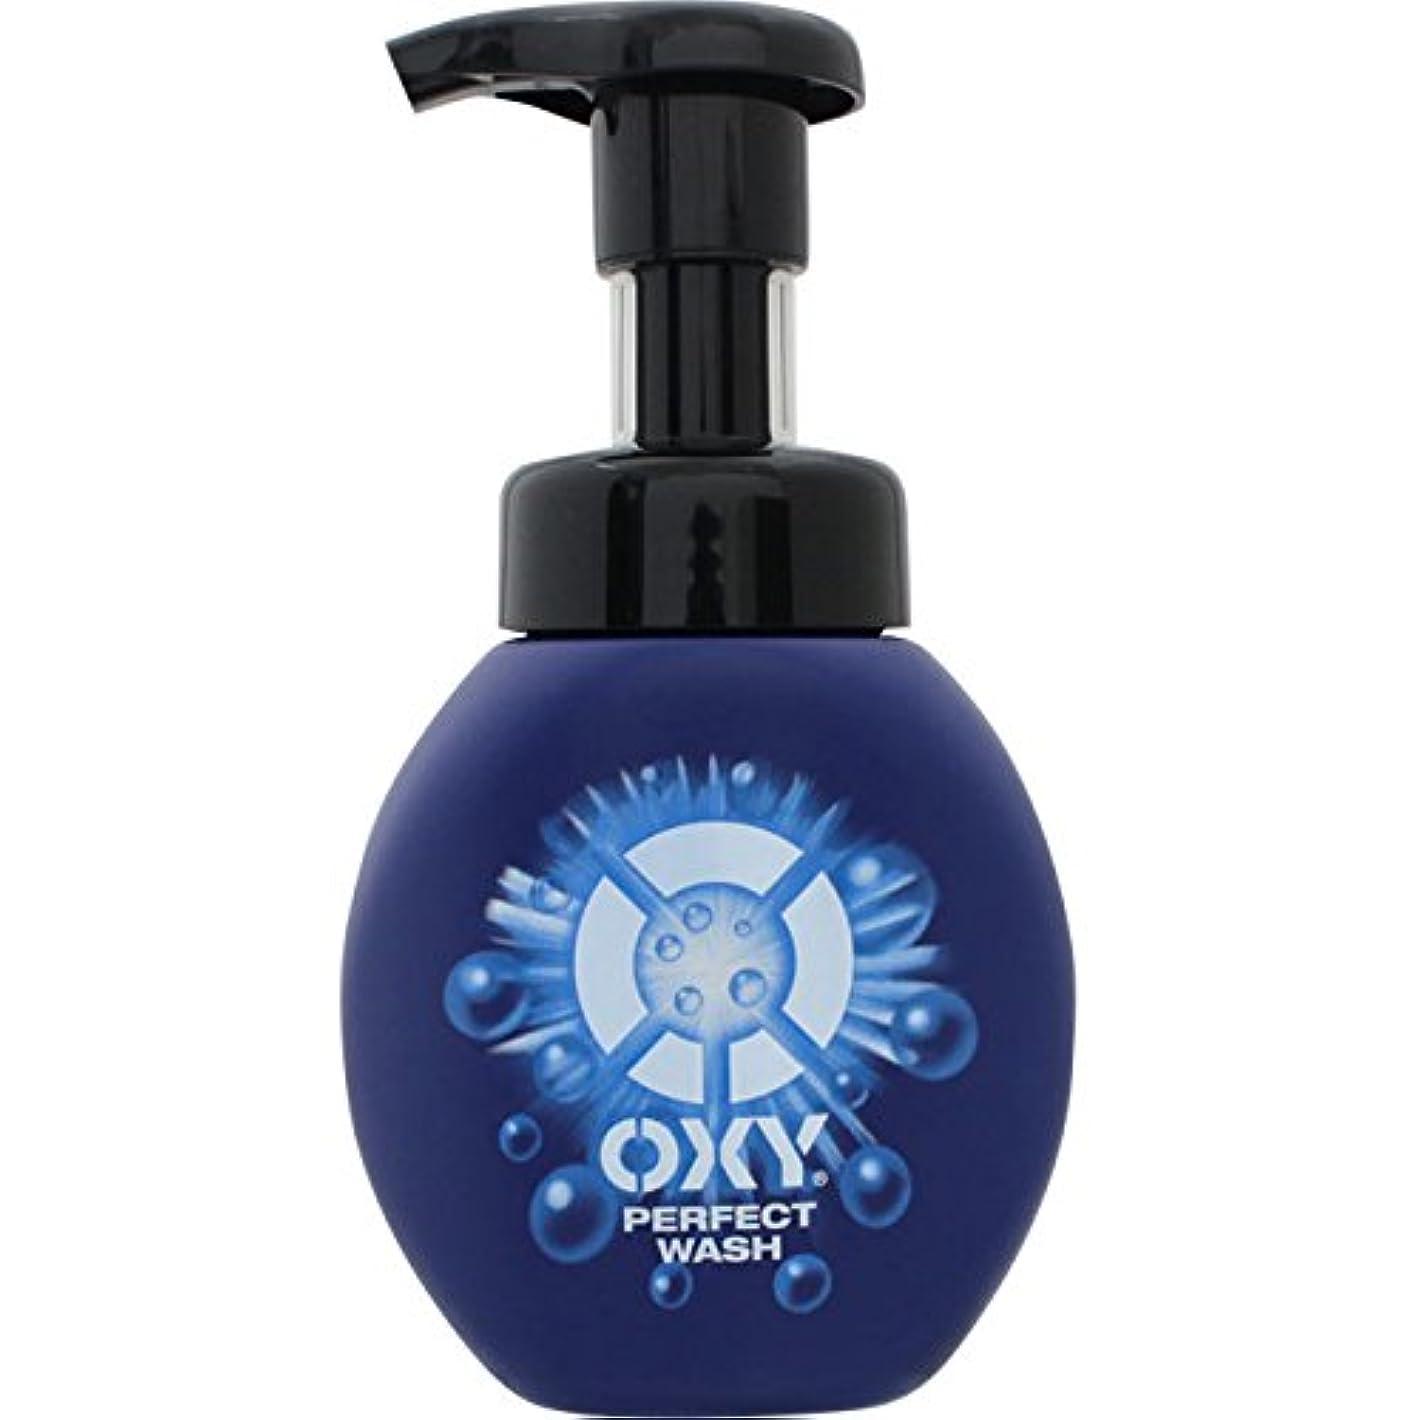 オキシー (Oxy) パーフェクトウォッシュ 泡タイプ 洗顔料 150mL